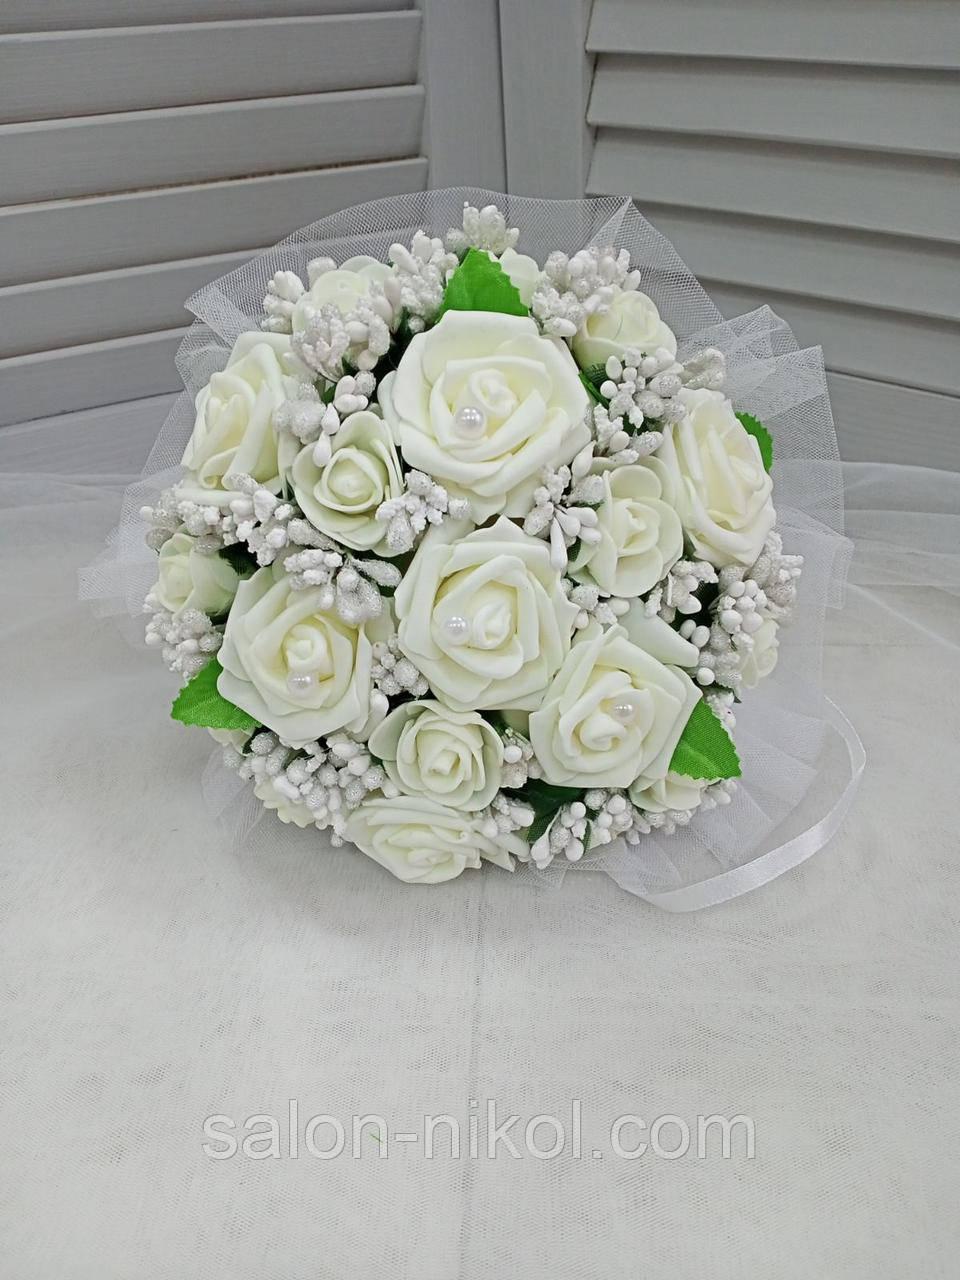 Весільний букет-дублер для нареченої в айворі кольорі